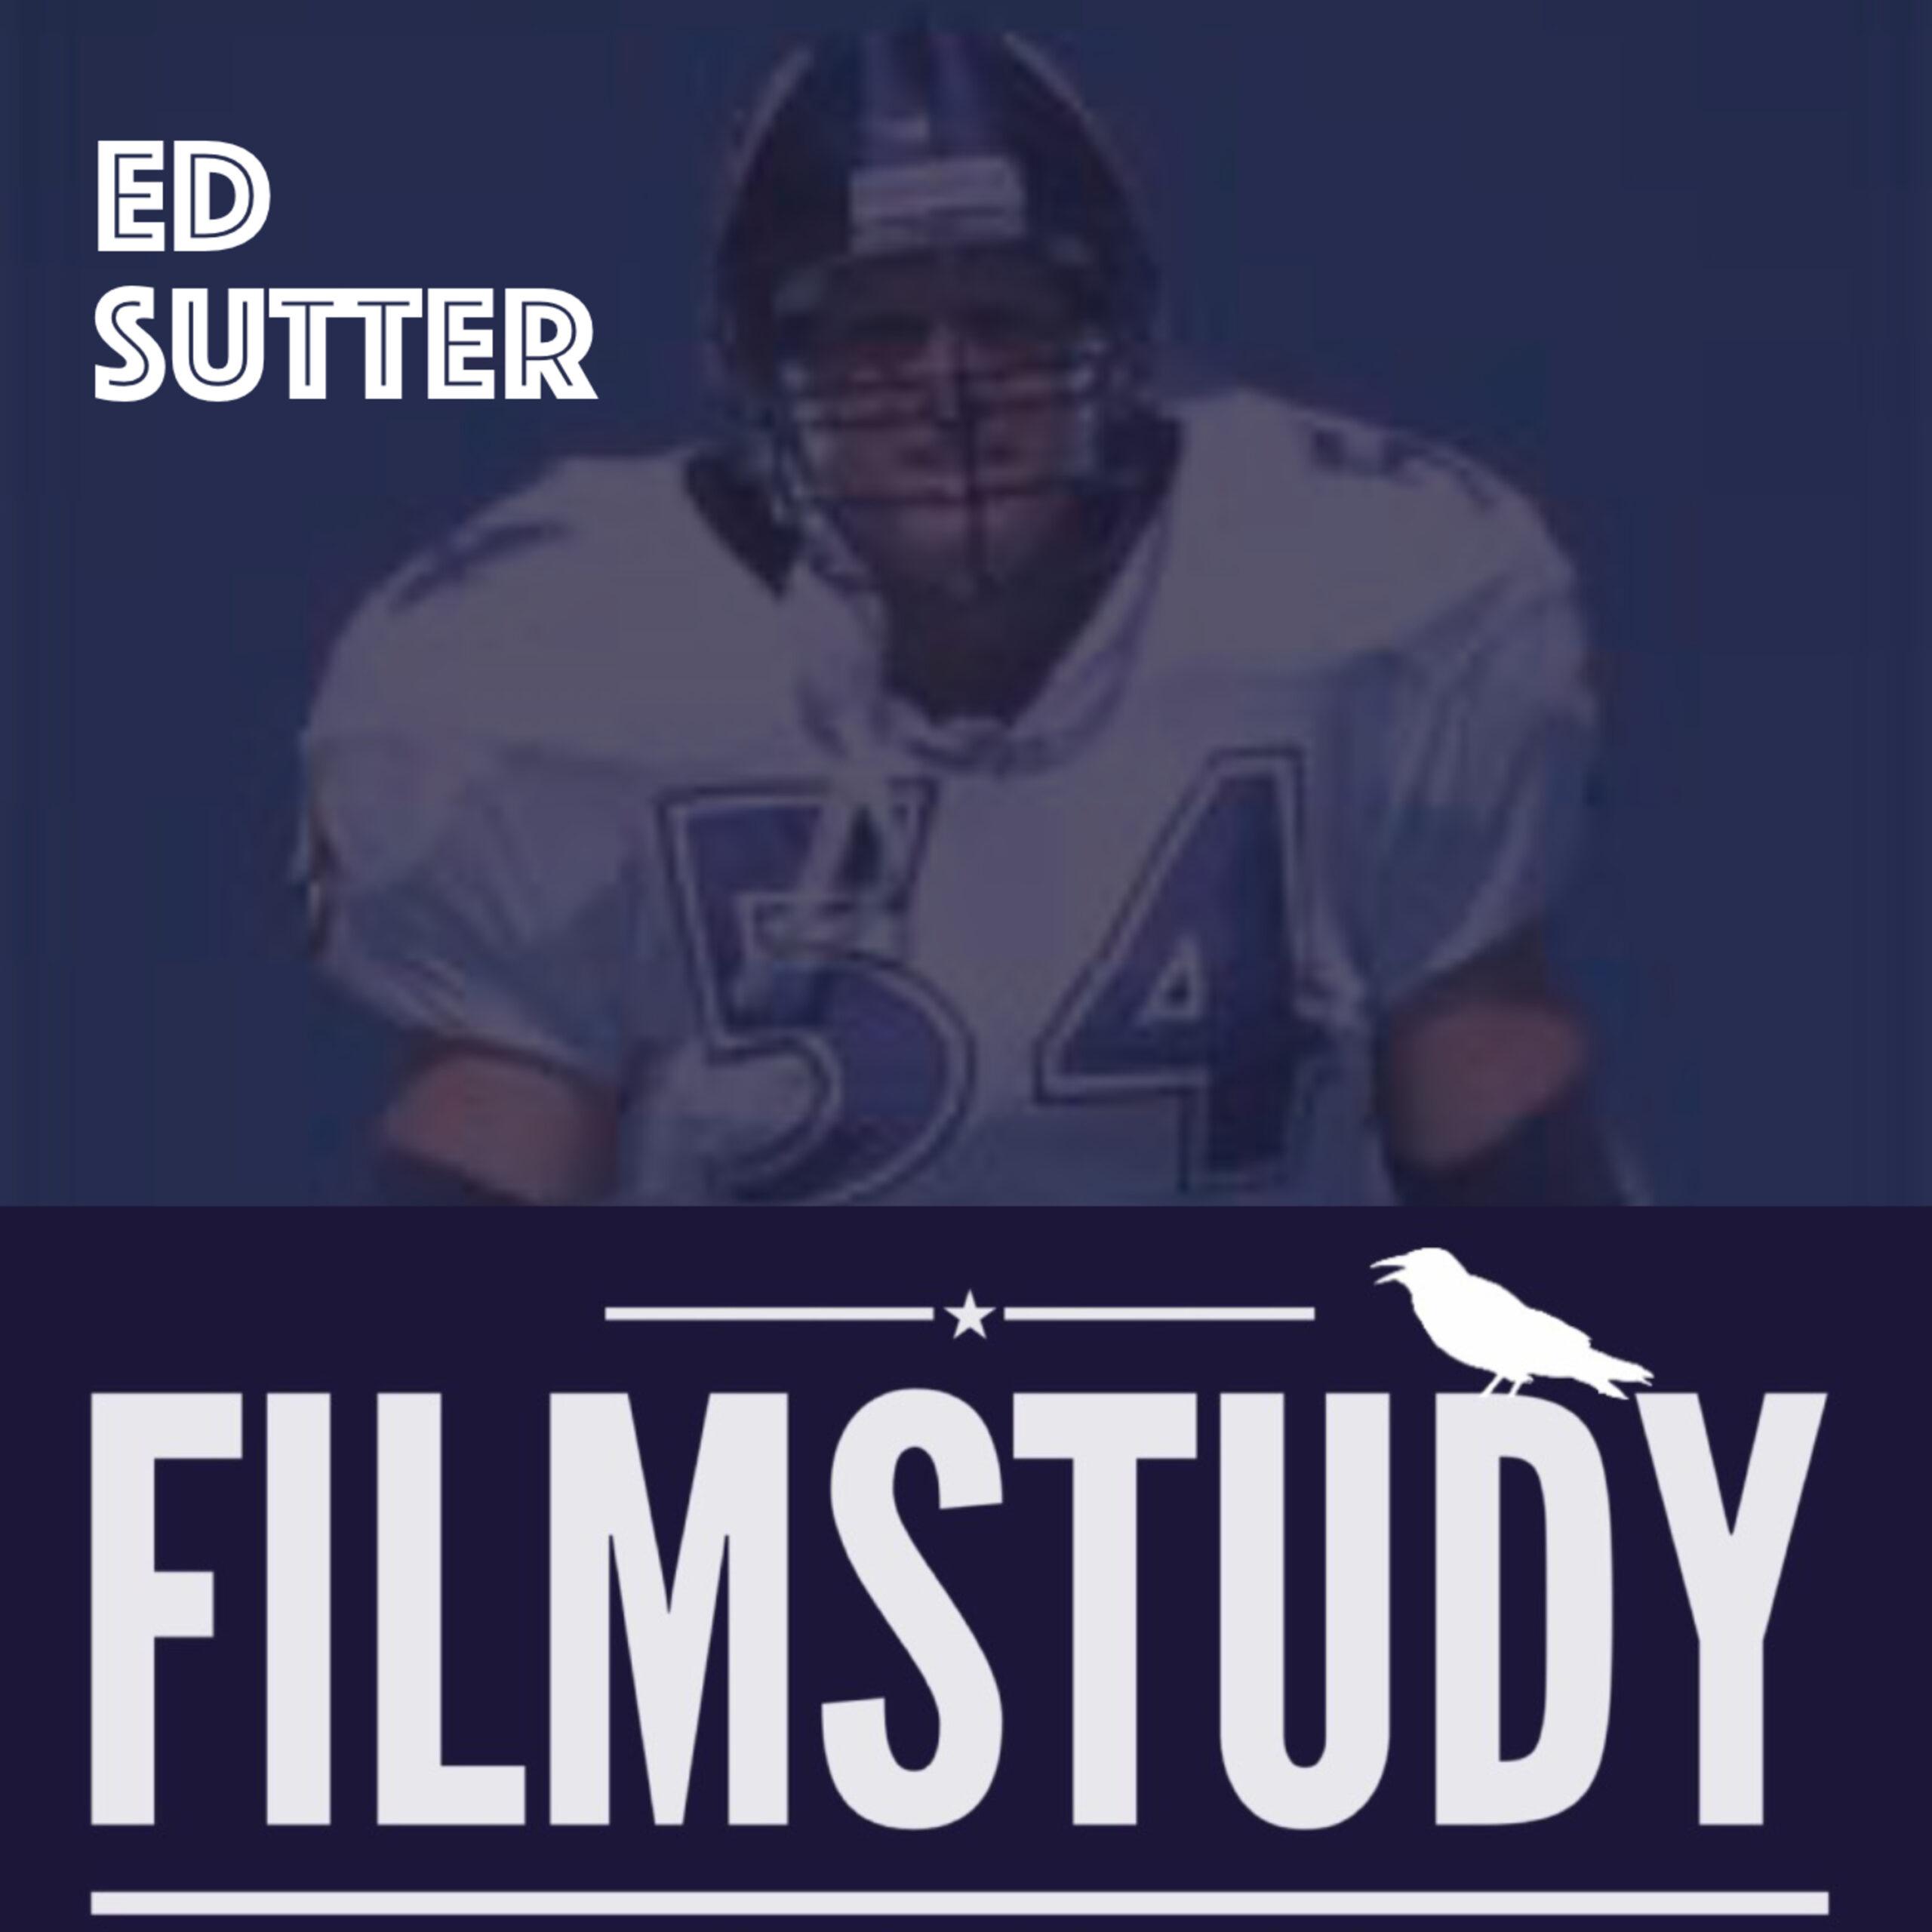 Ed Sutter